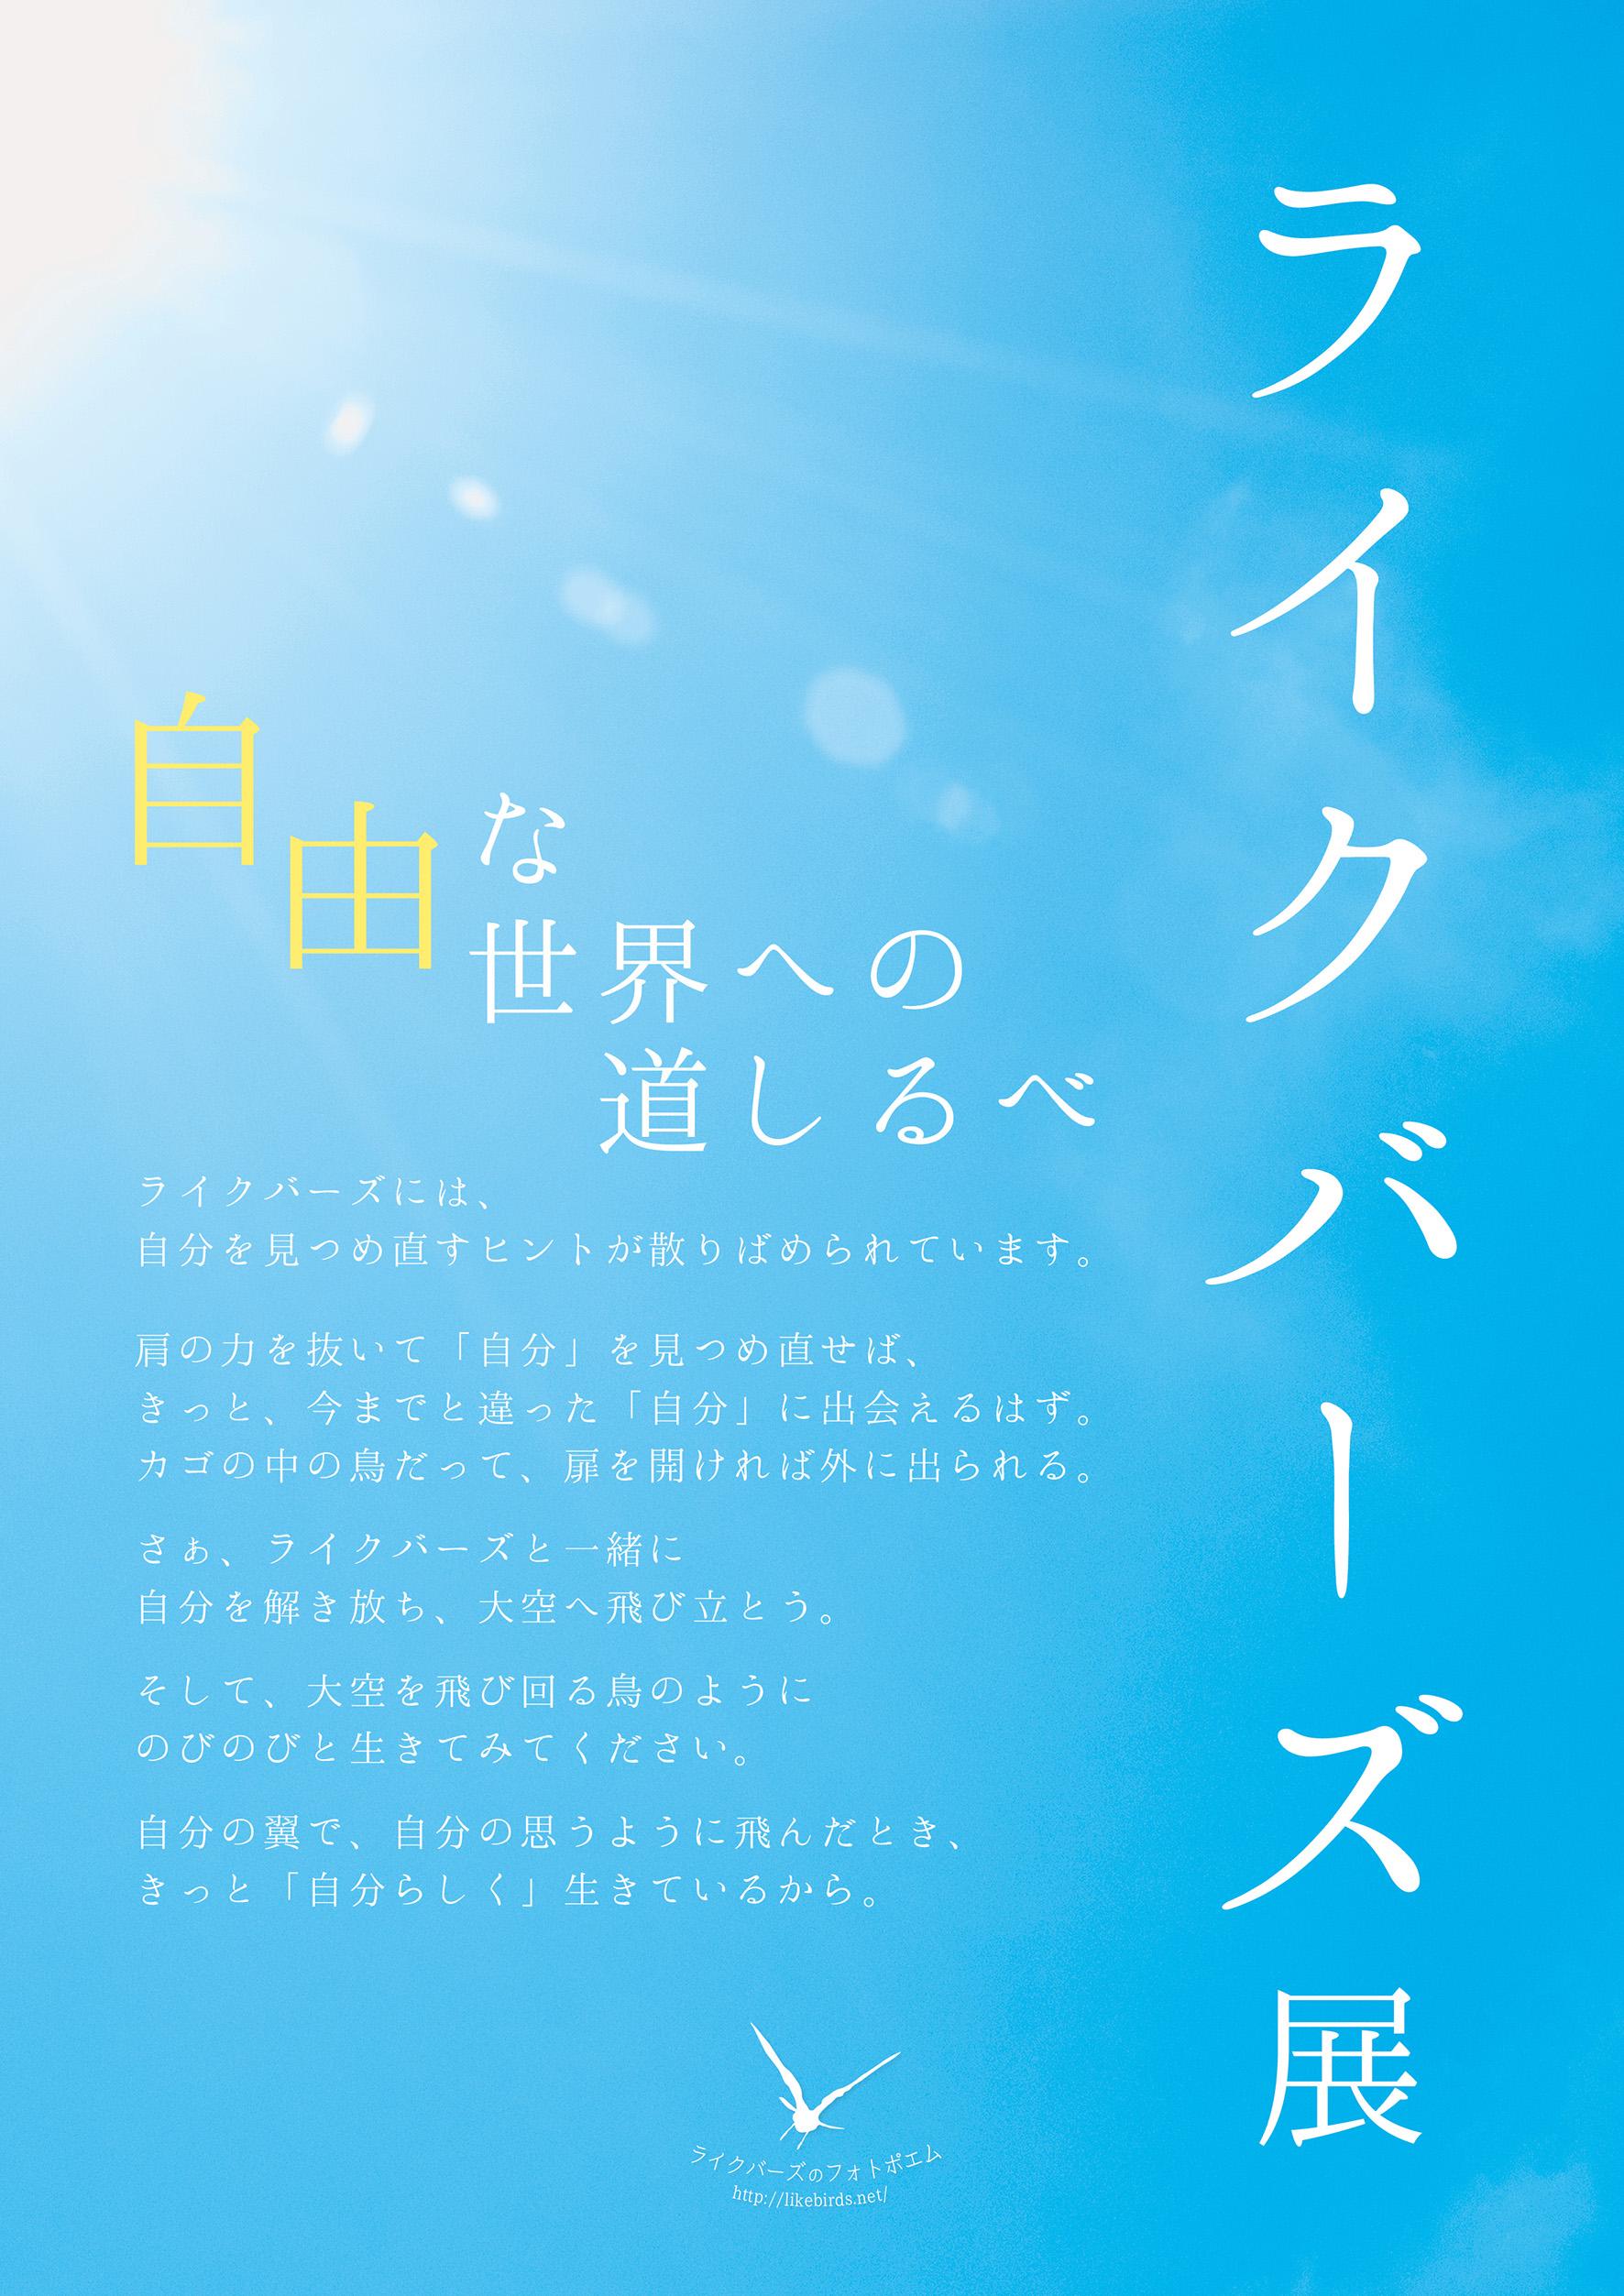 いよいよライクバーズ展が間近!(開催期間:2016/6/6〜7/15 in 東京)